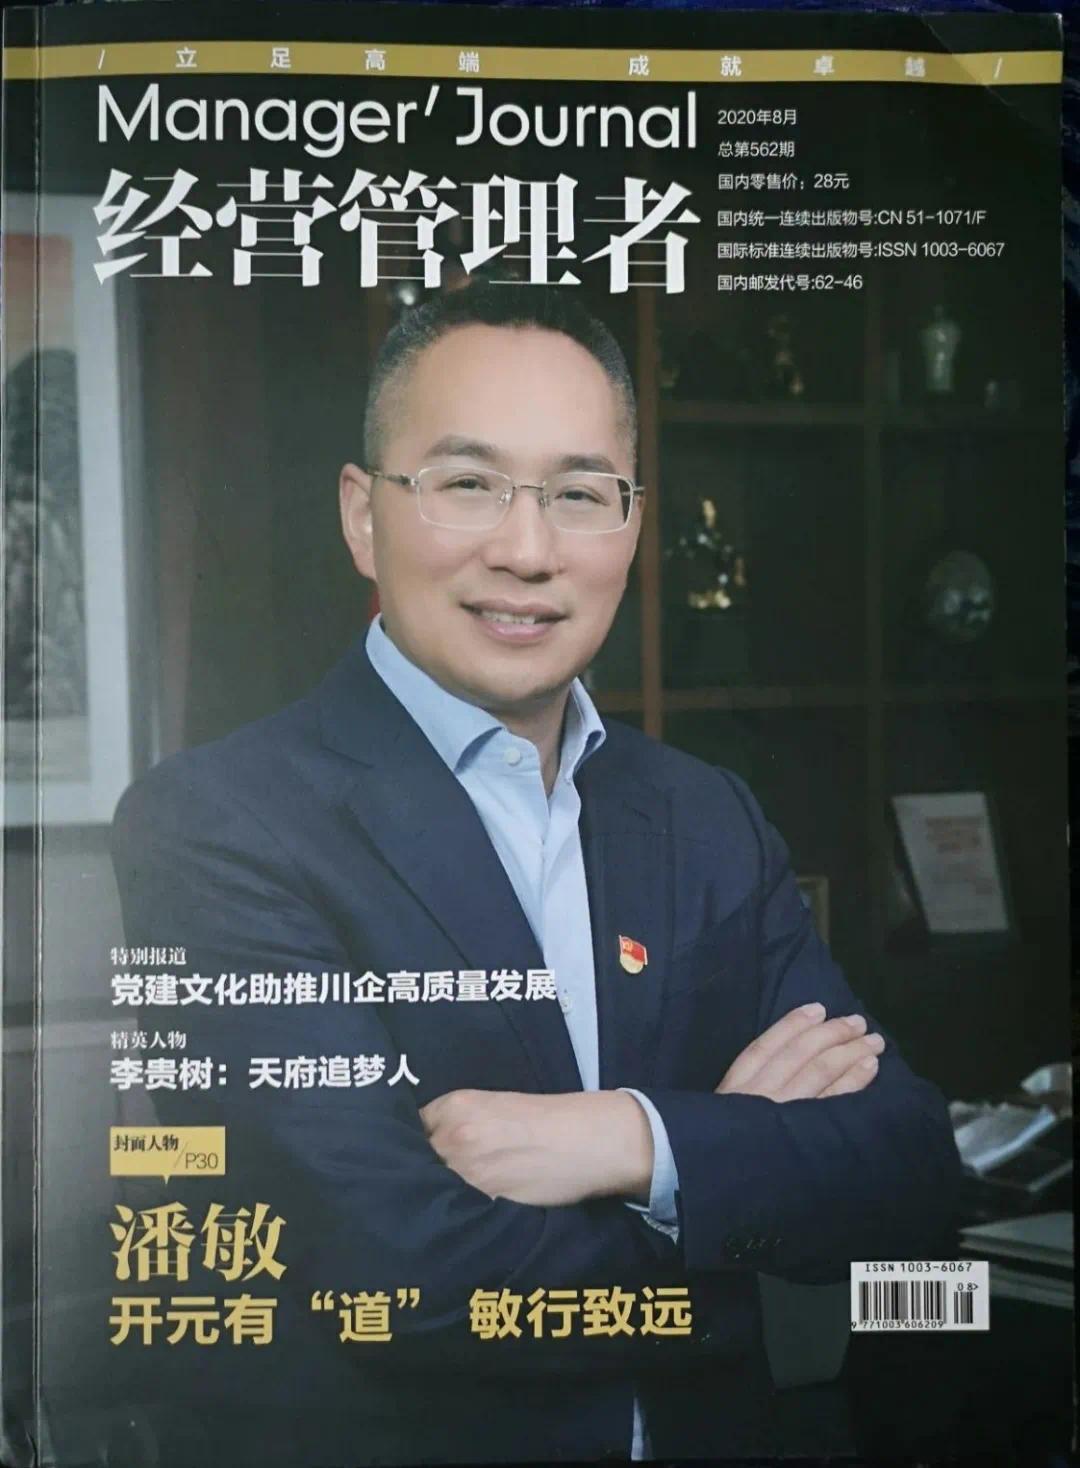 董事长潘敏荣登《经营管理者》杂志封面人物